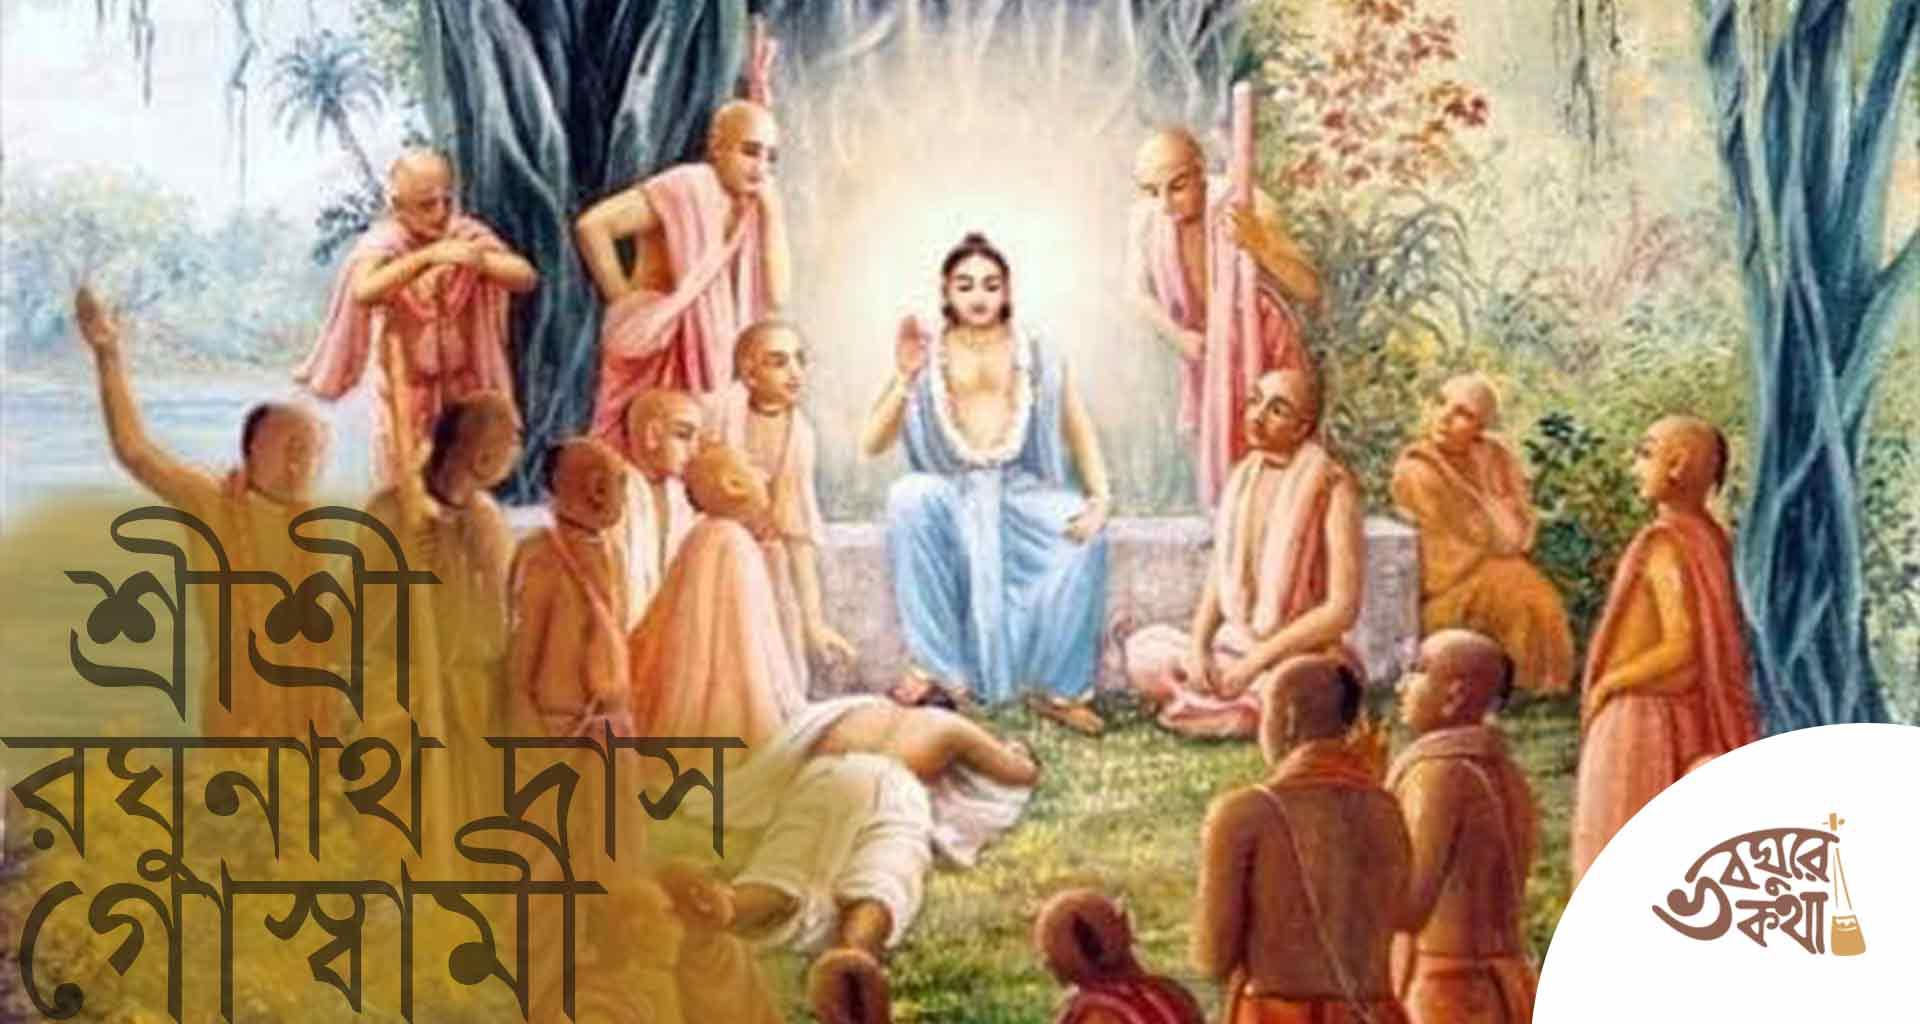 শ্রী শ্রী রঘুনাথ দাস গোস্বামী